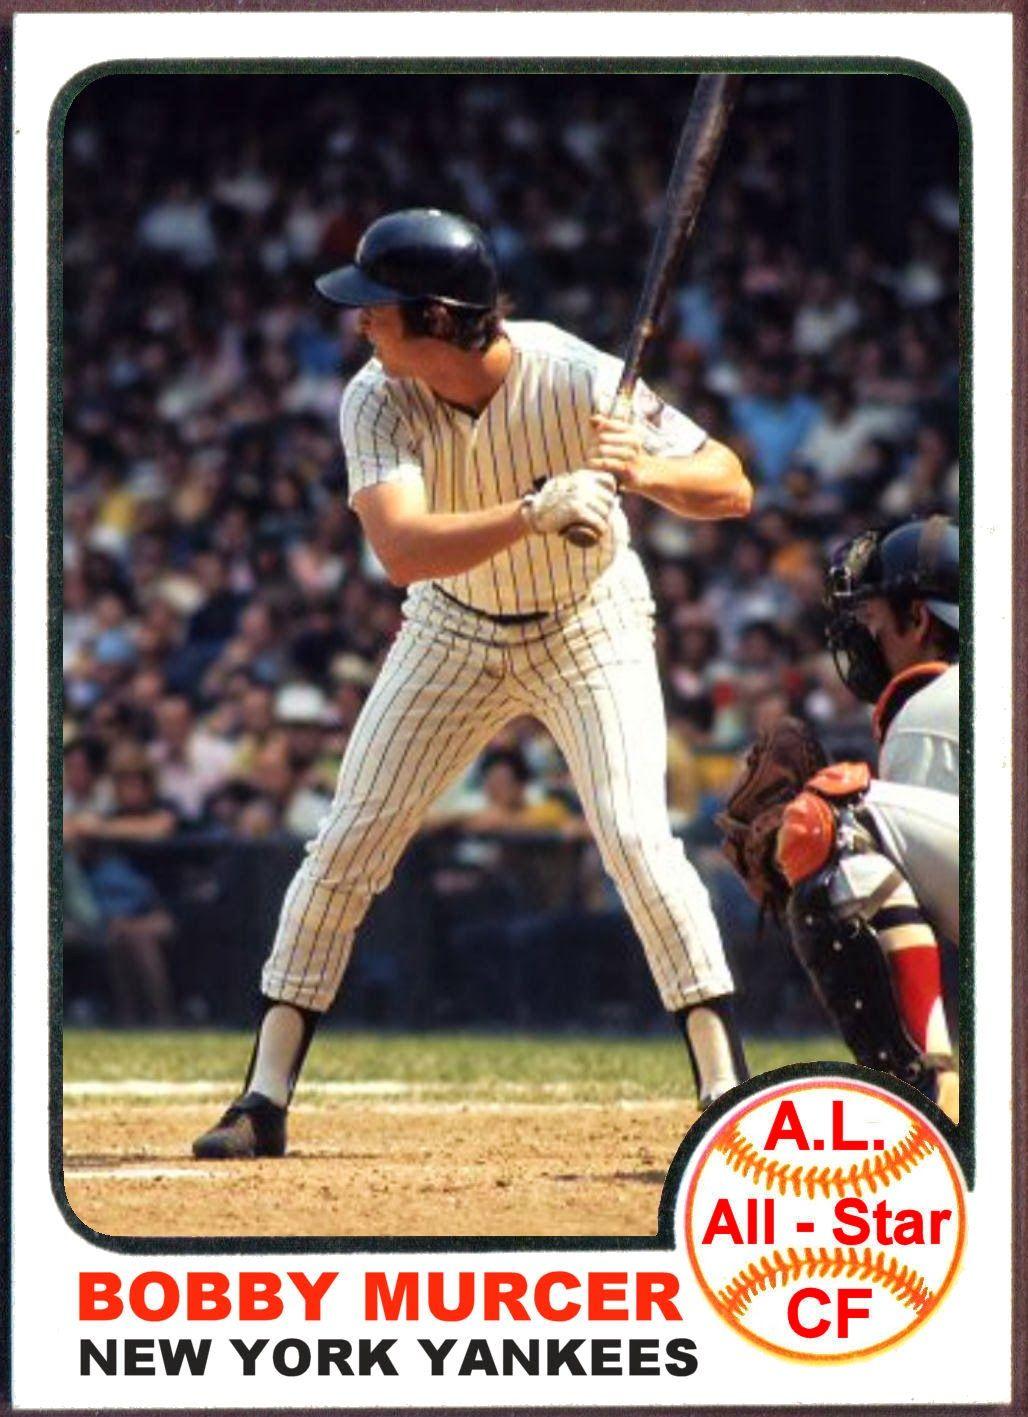 1973 Topps Bobby Murcer AllStar. Baseball Cards That